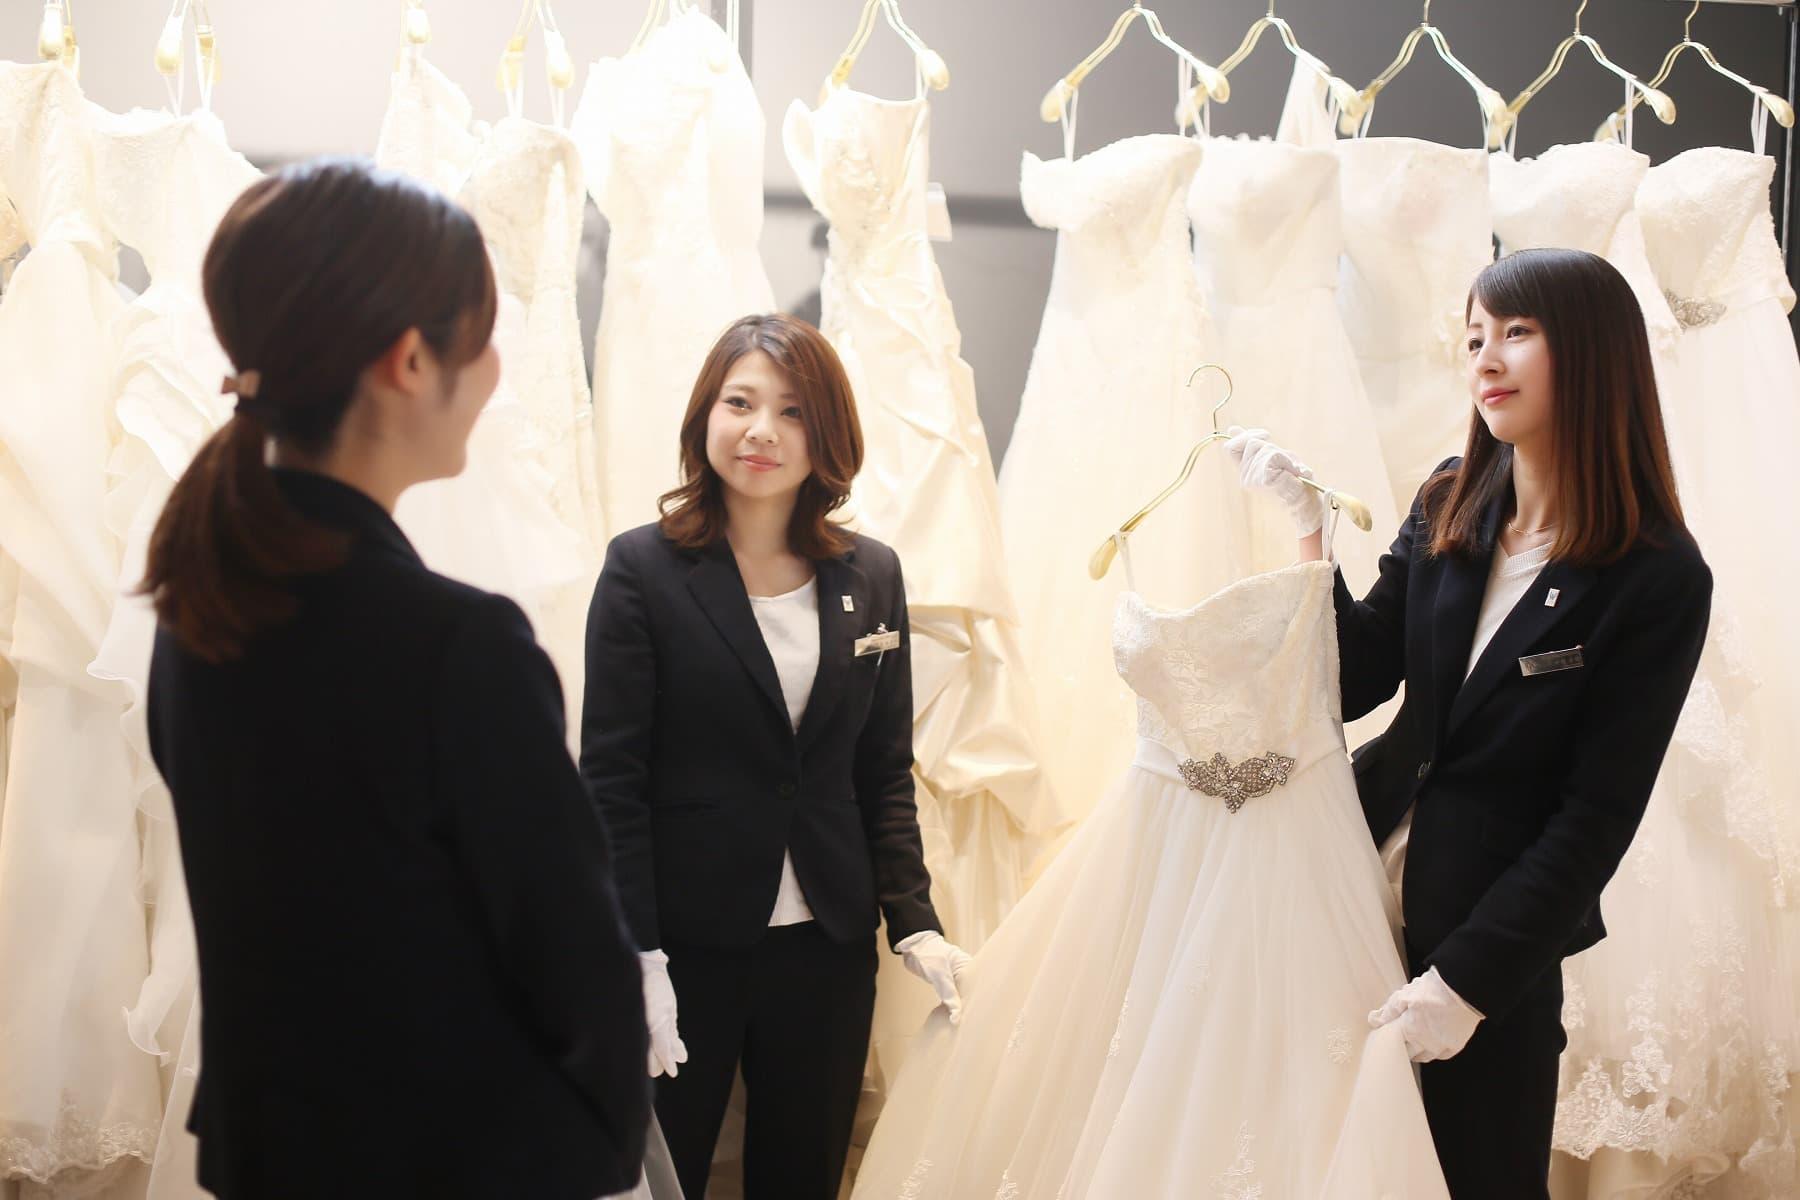 香川県高松市の小さな結婚式相談所マリマリコンシェルジュではドレス見学も可能